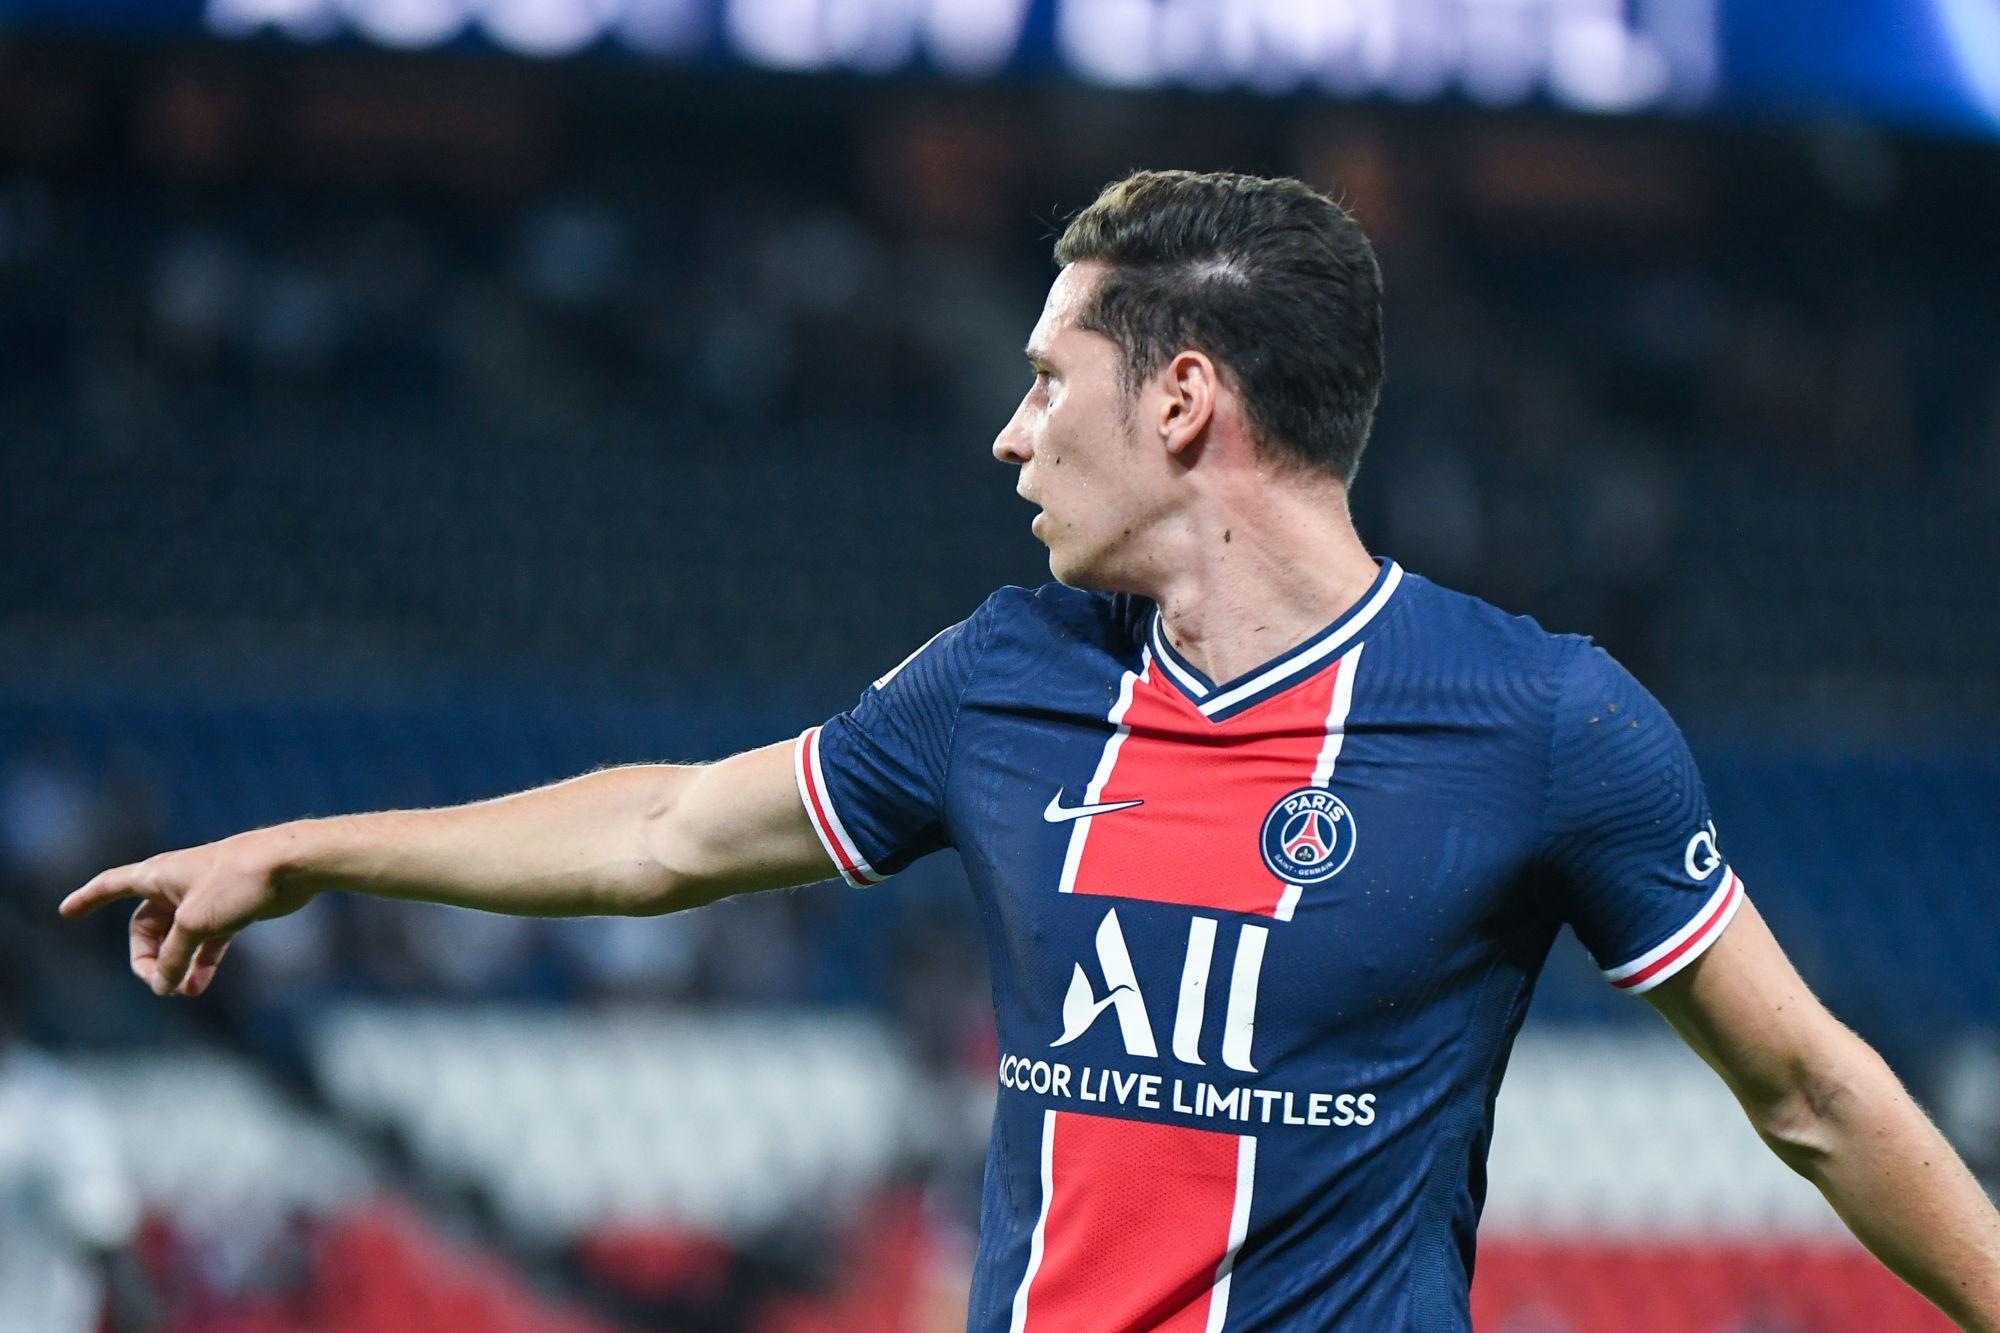 Mercato - La Lazio Rome s'intéresse à Julian Draxler, selon le Corriere dello Sport